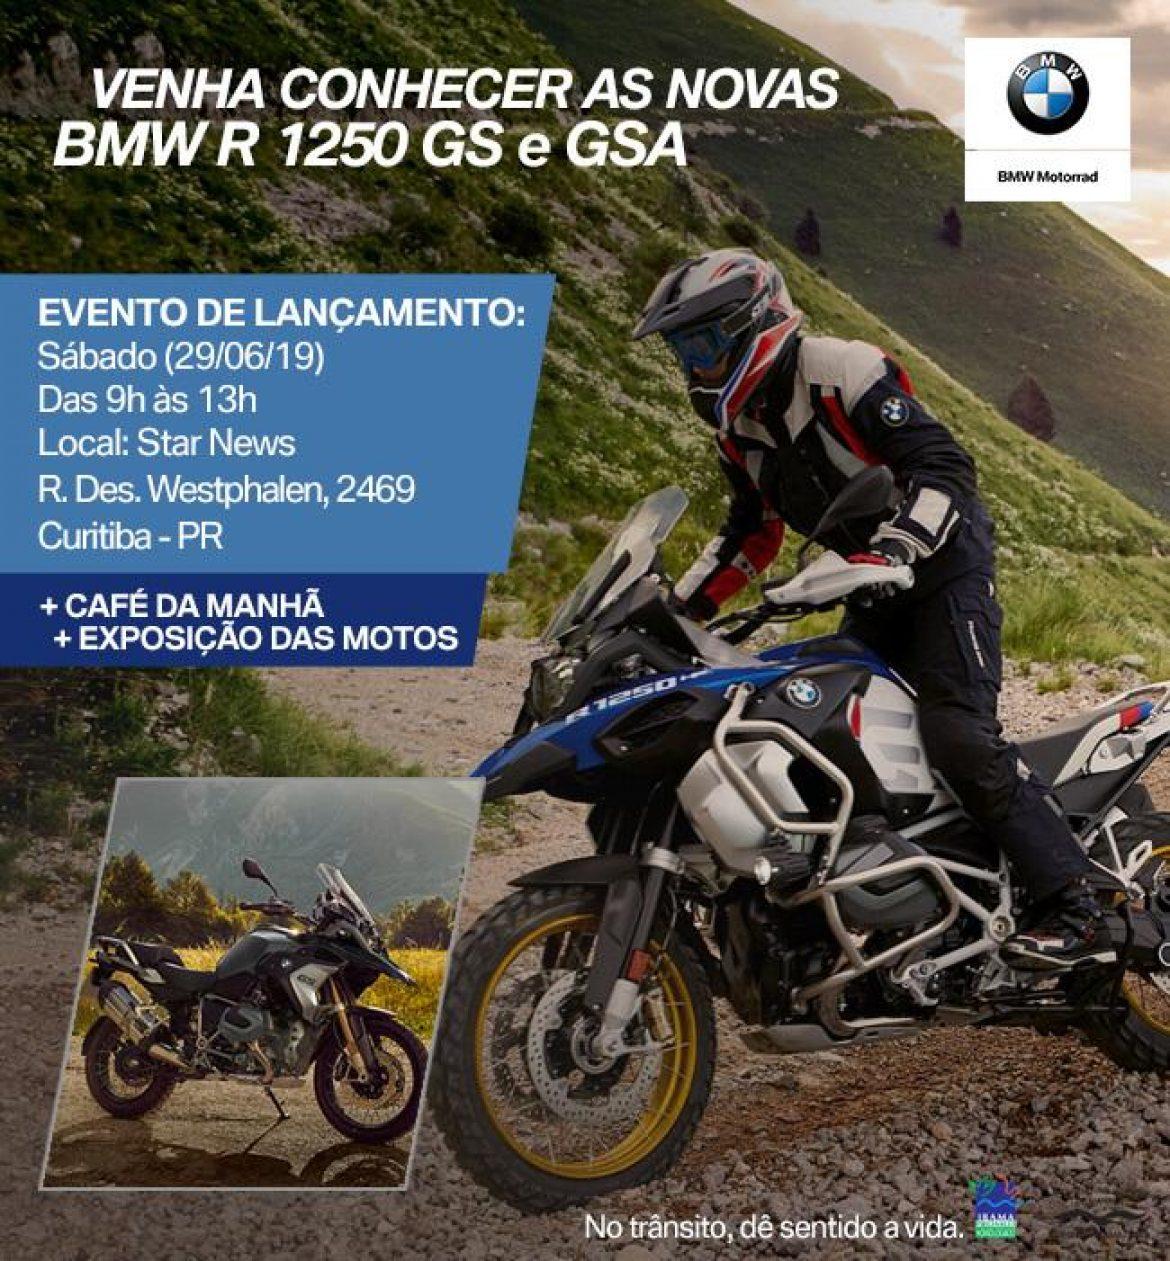 Star News convida você para o lançamento da nova BMW R 1250 GS/GSA